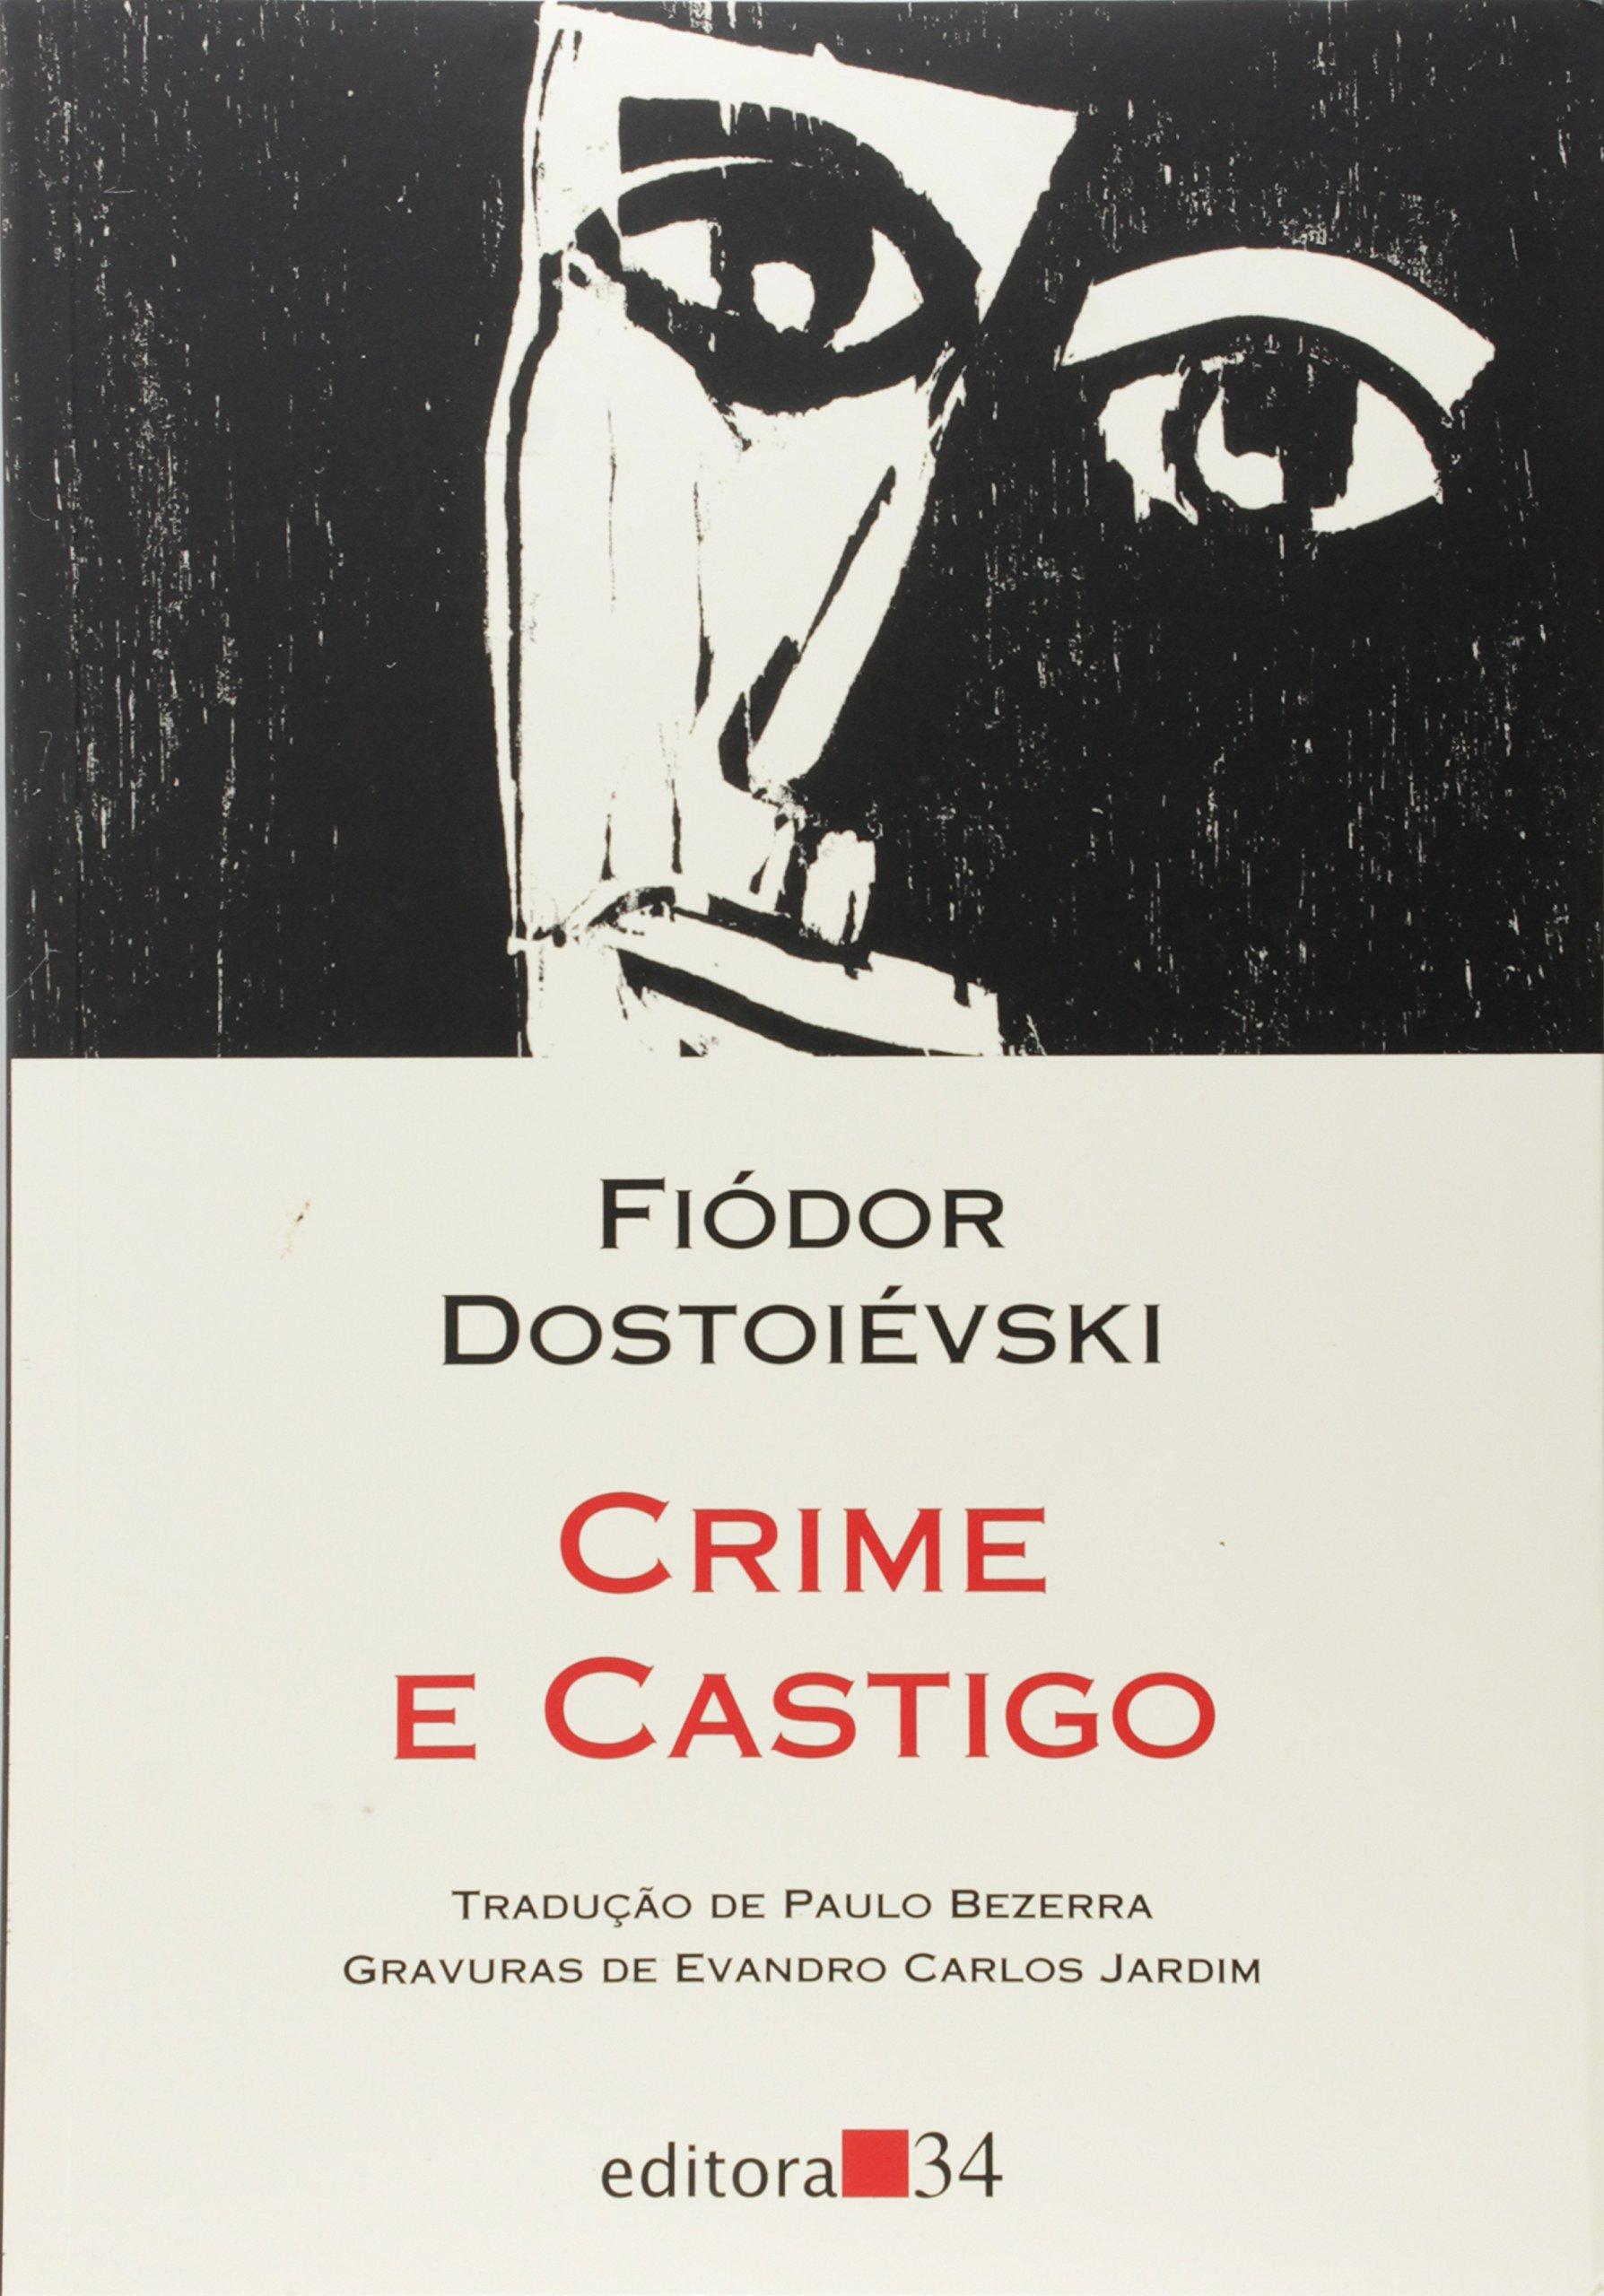 crime e castigo fyodor dostoevsky